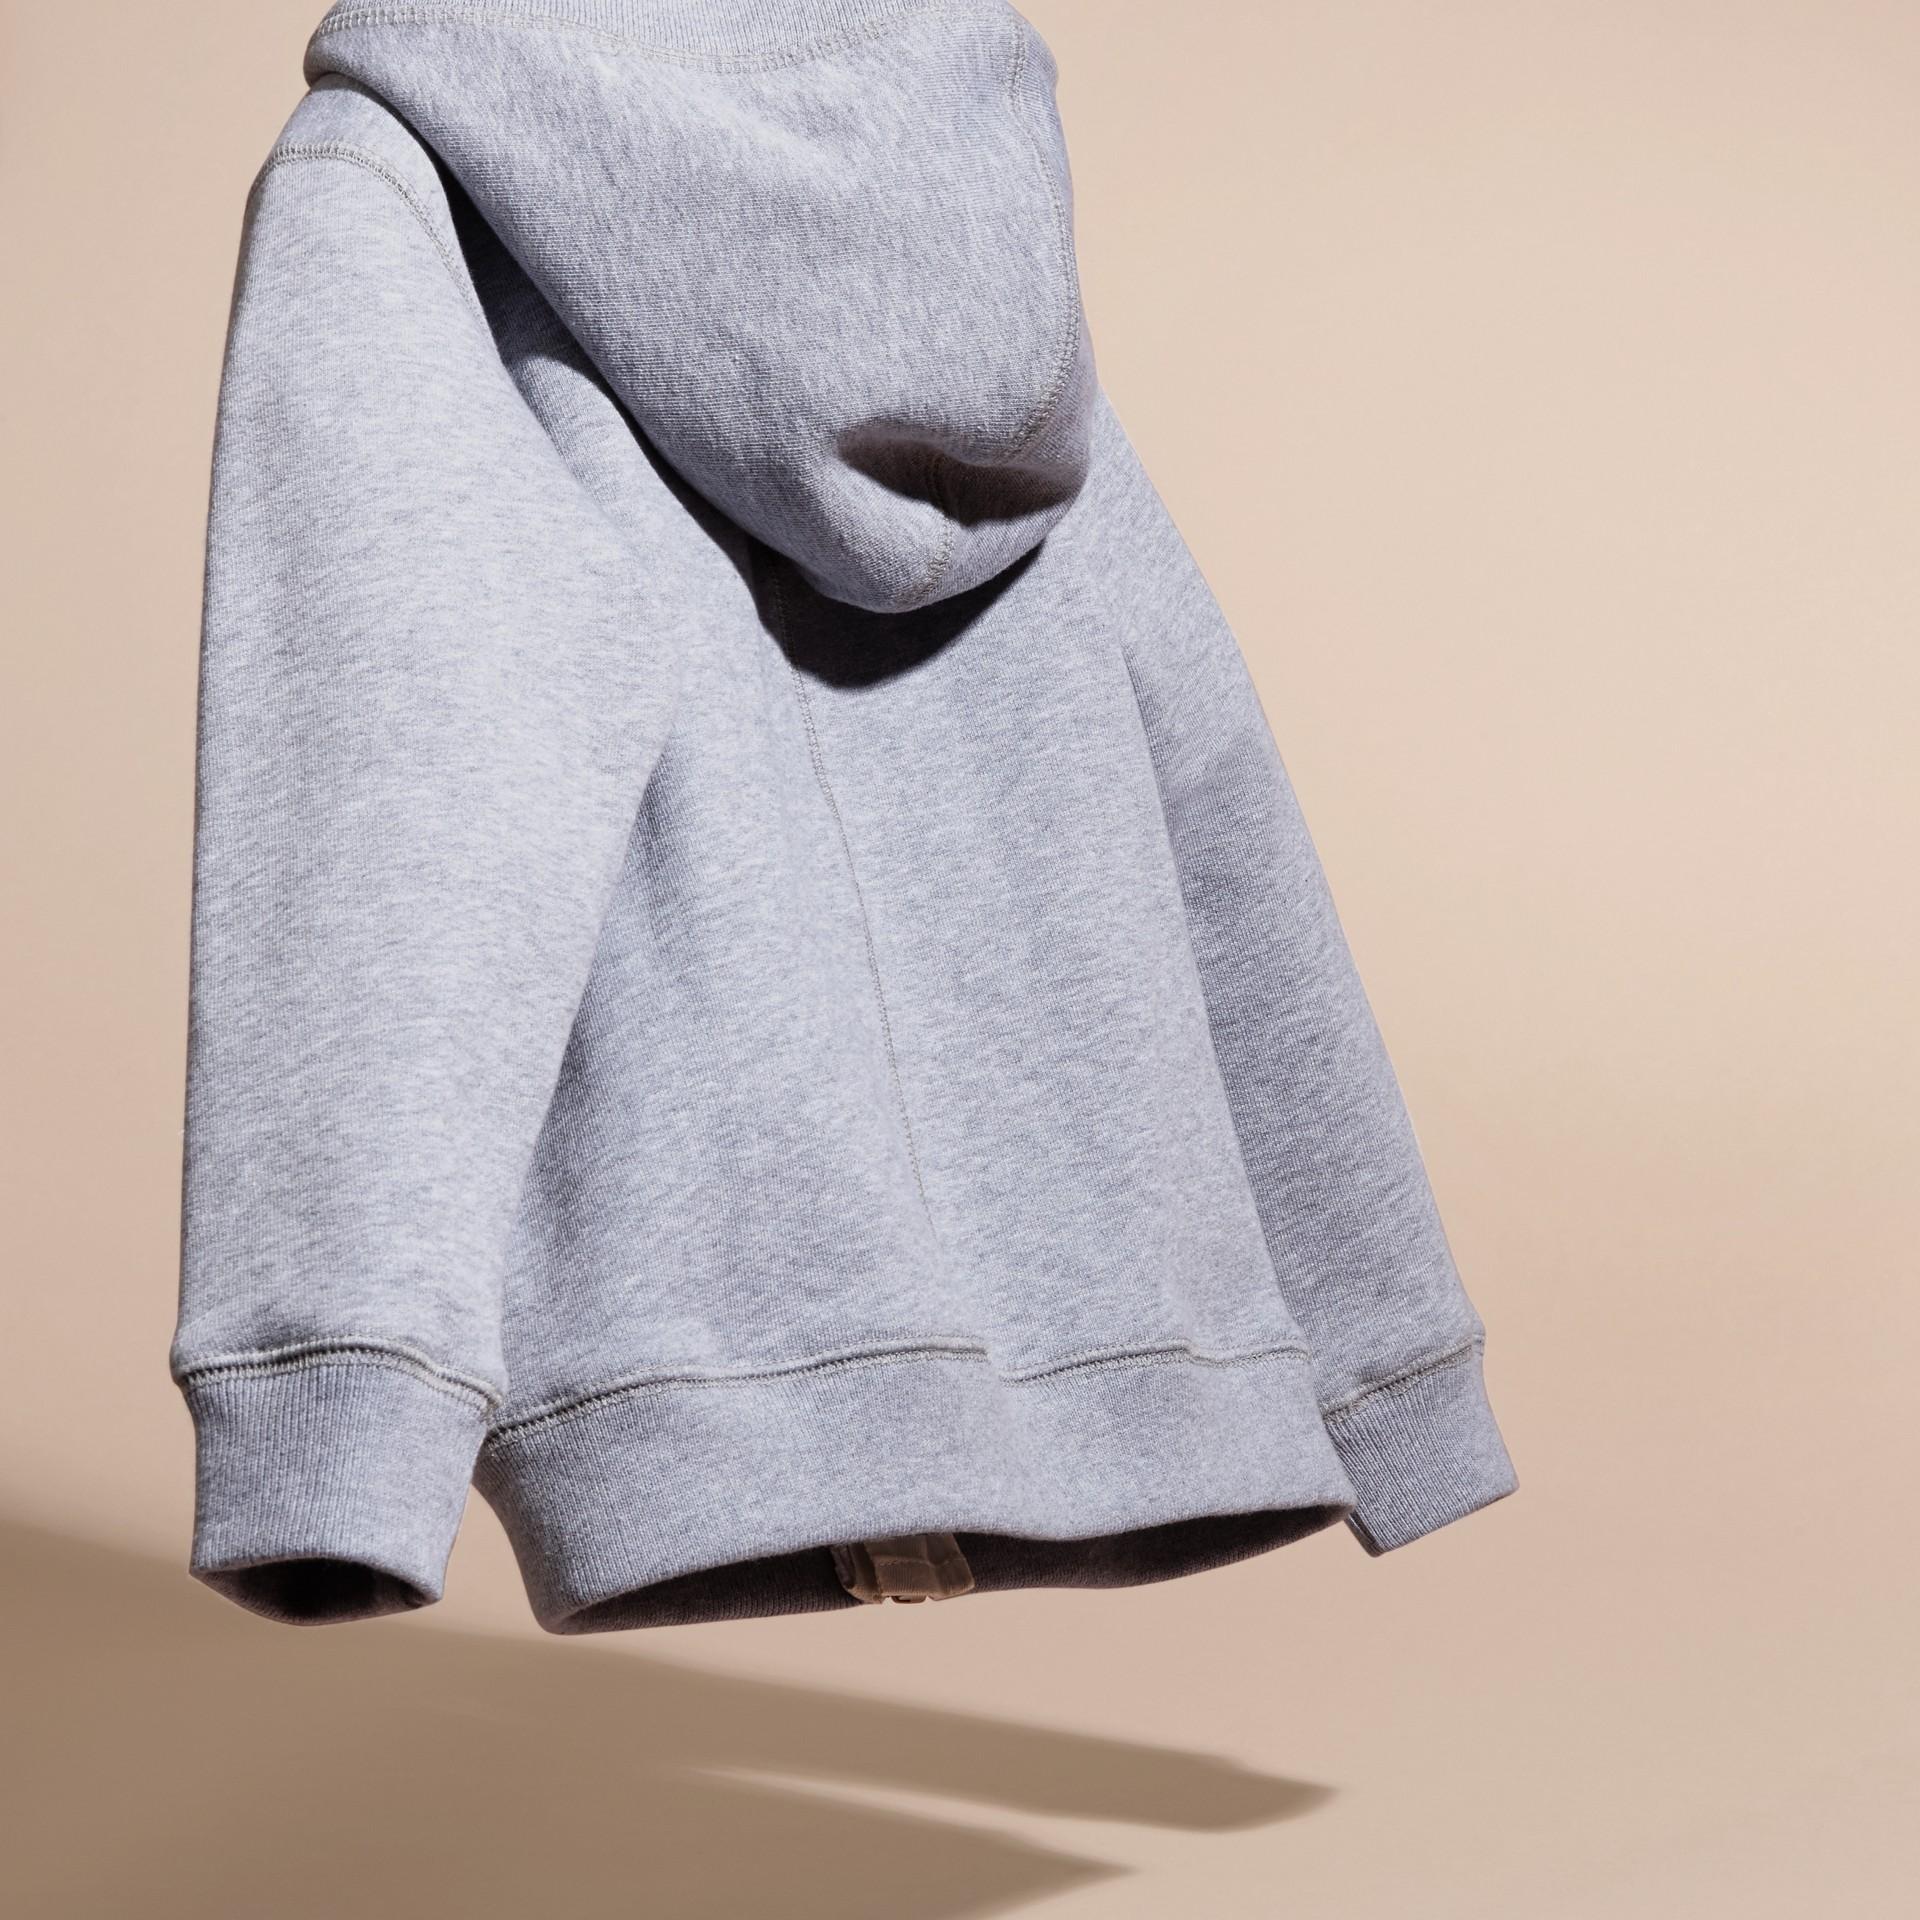 Camaïeu de gris moyens Haut en coton à capuche Camaïeu De Gris Moyens - photo de la galerie 4